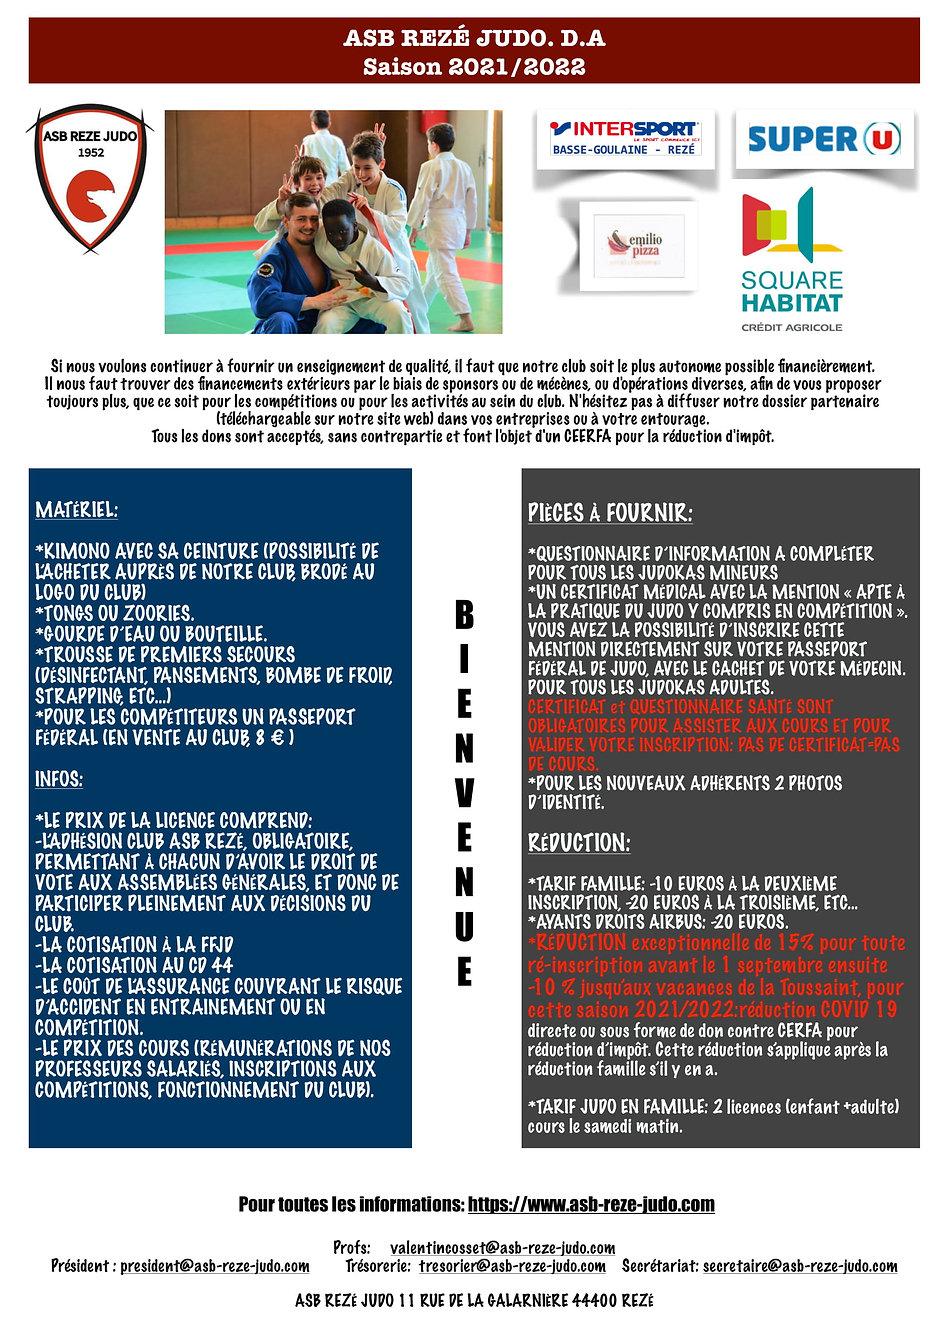 Informations judo 2021 2022-1.jpg